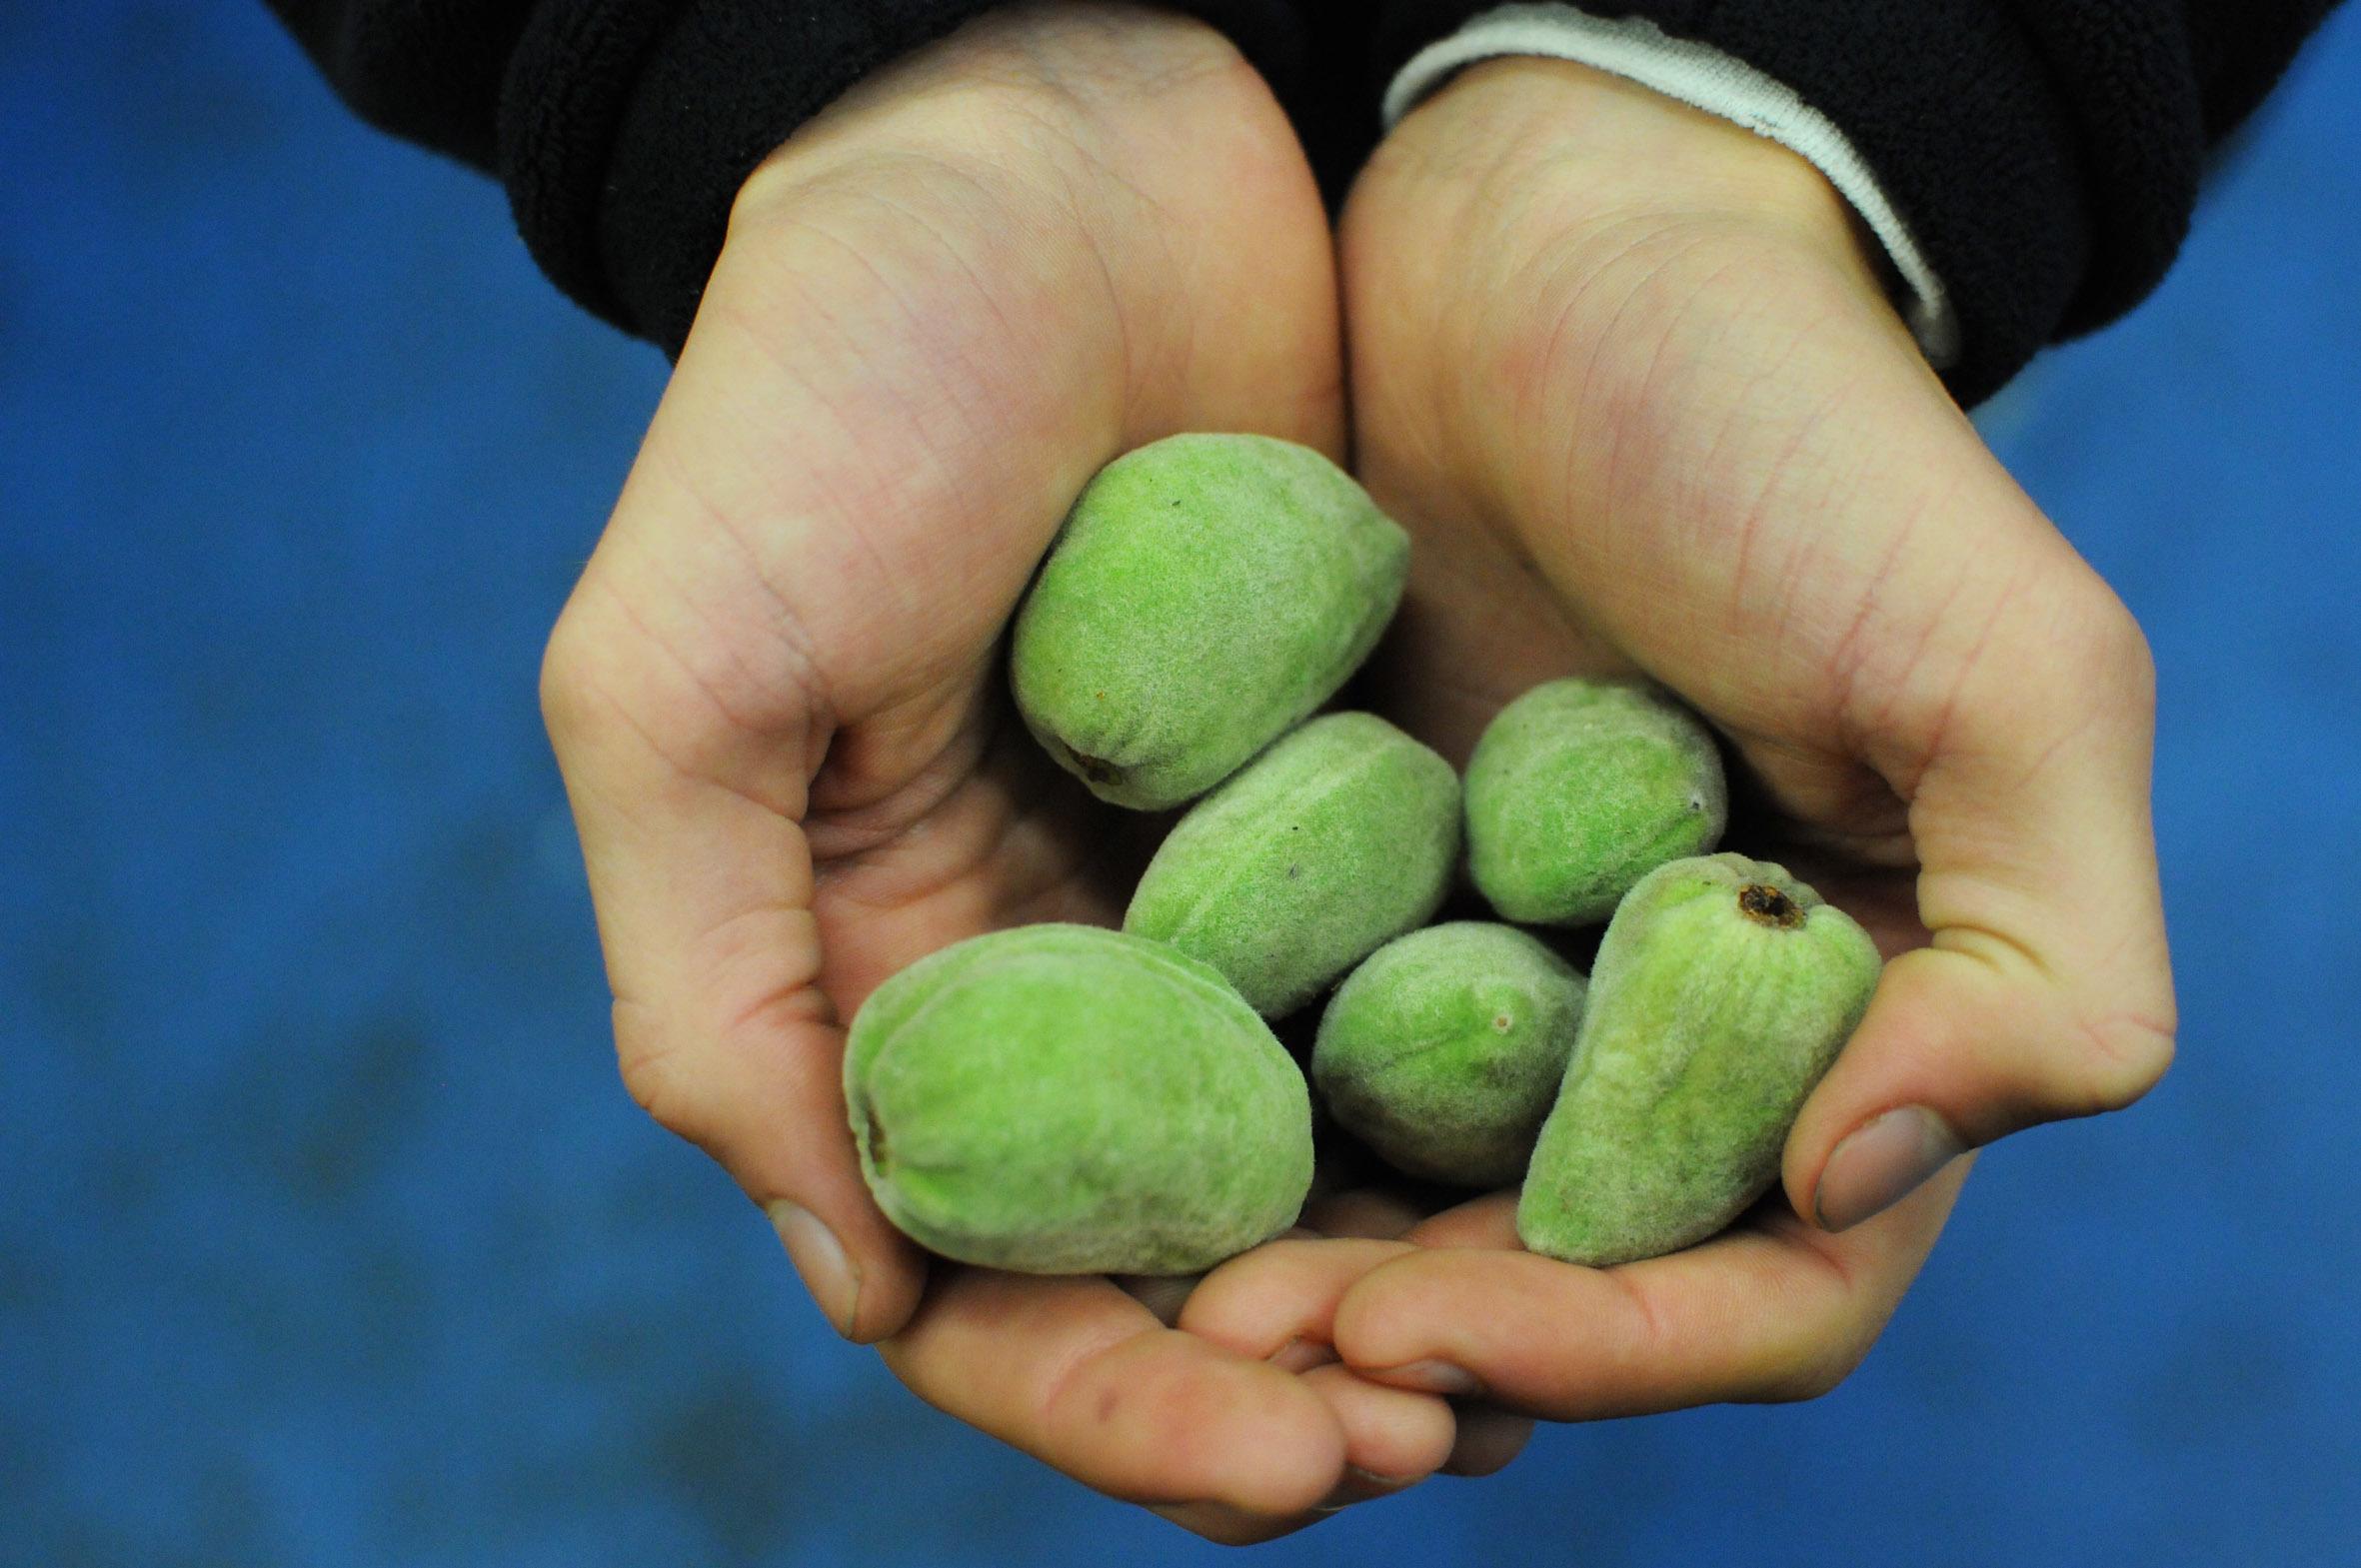 fresh-almonds.jpg?mtime=20170922135434#asset:11461